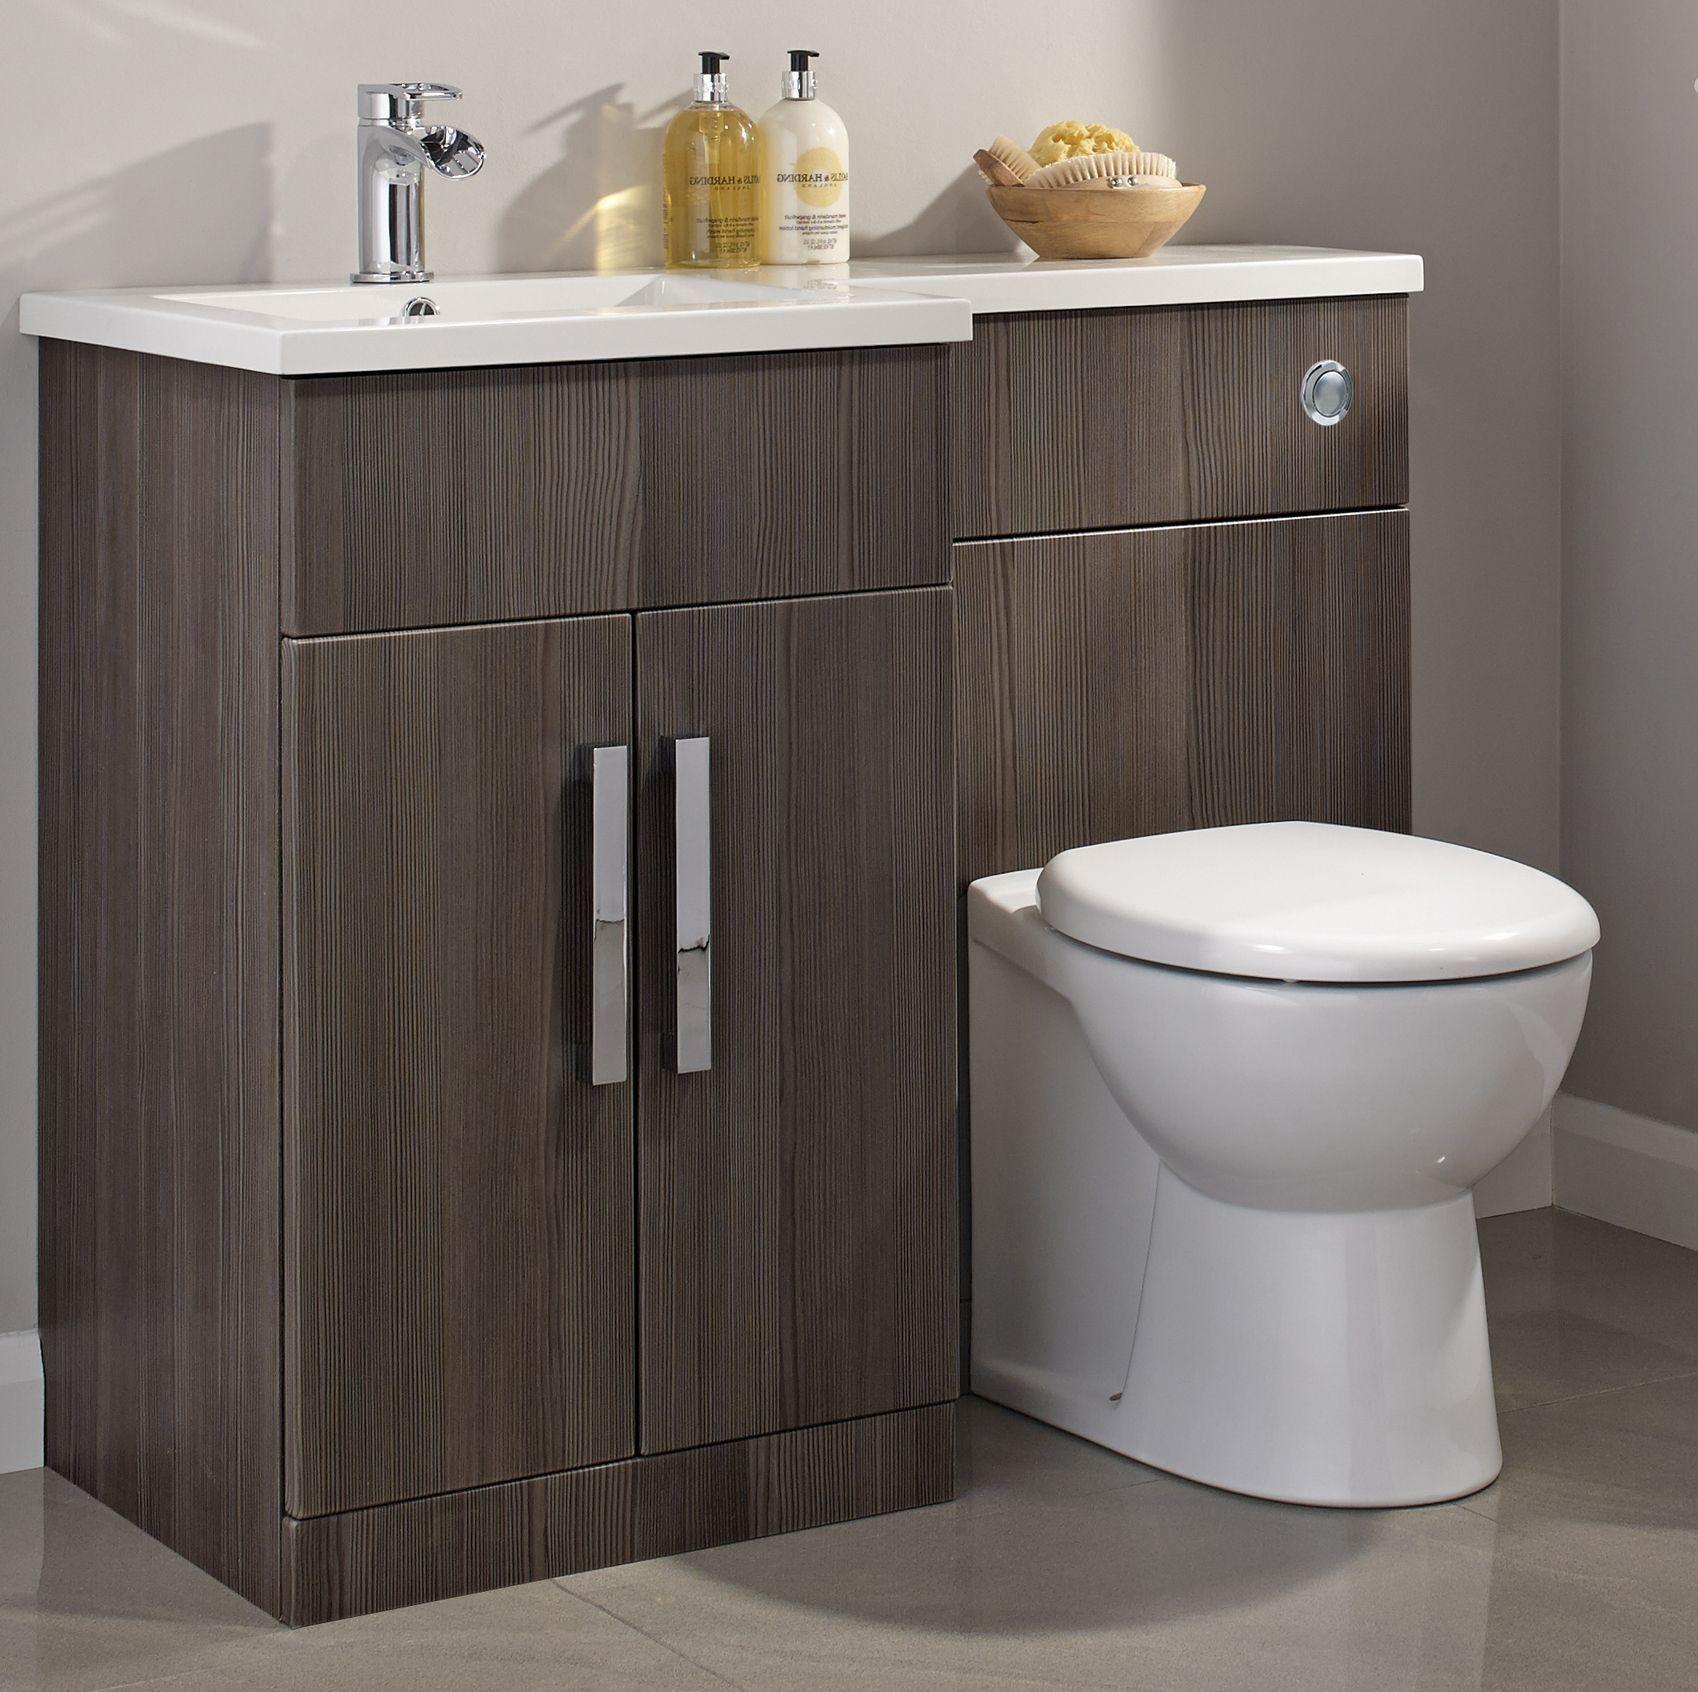 Znalezione obrazy dla zapytania cooke lewis bathroom